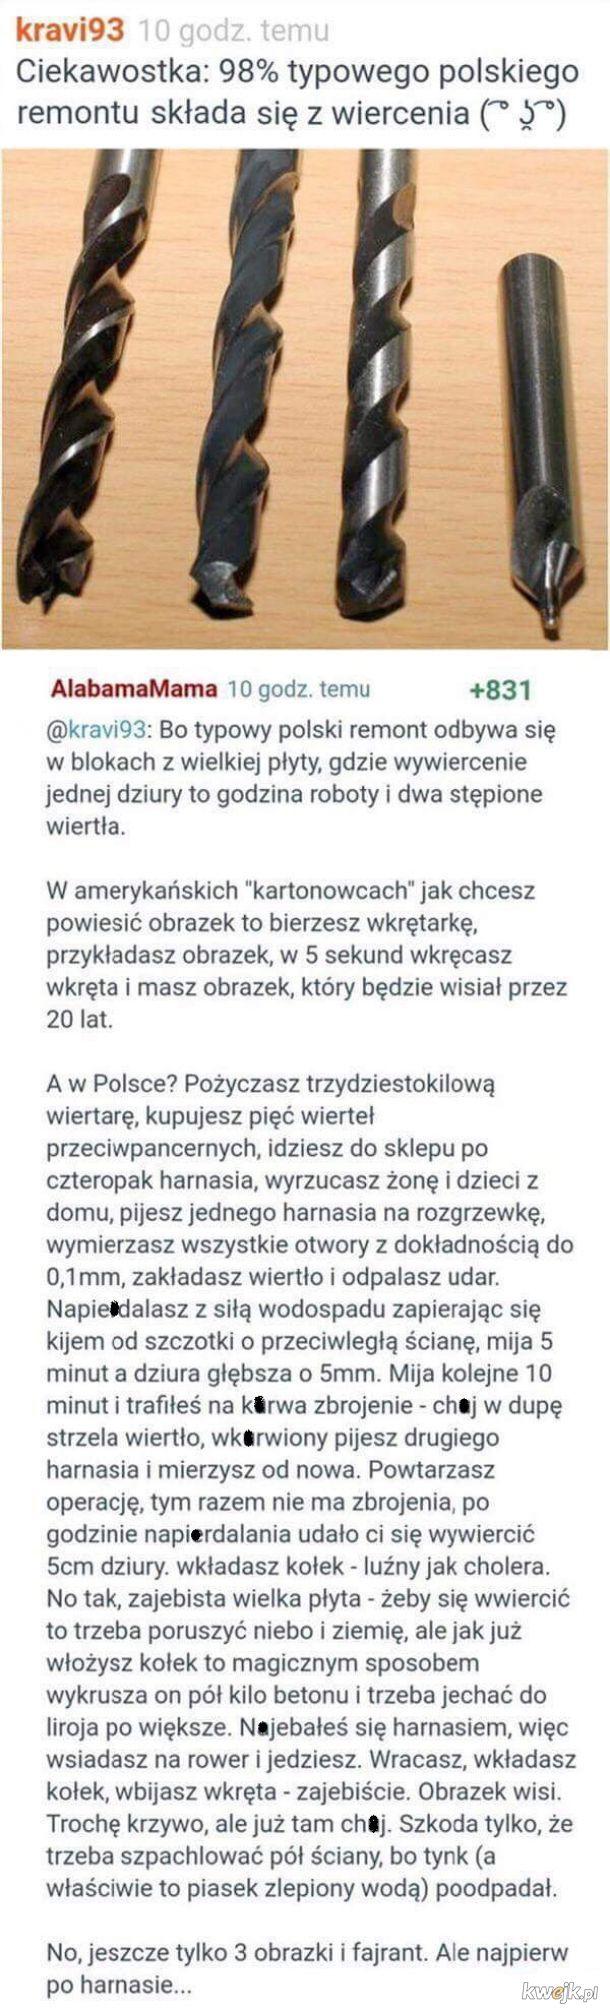 Polskie remonty